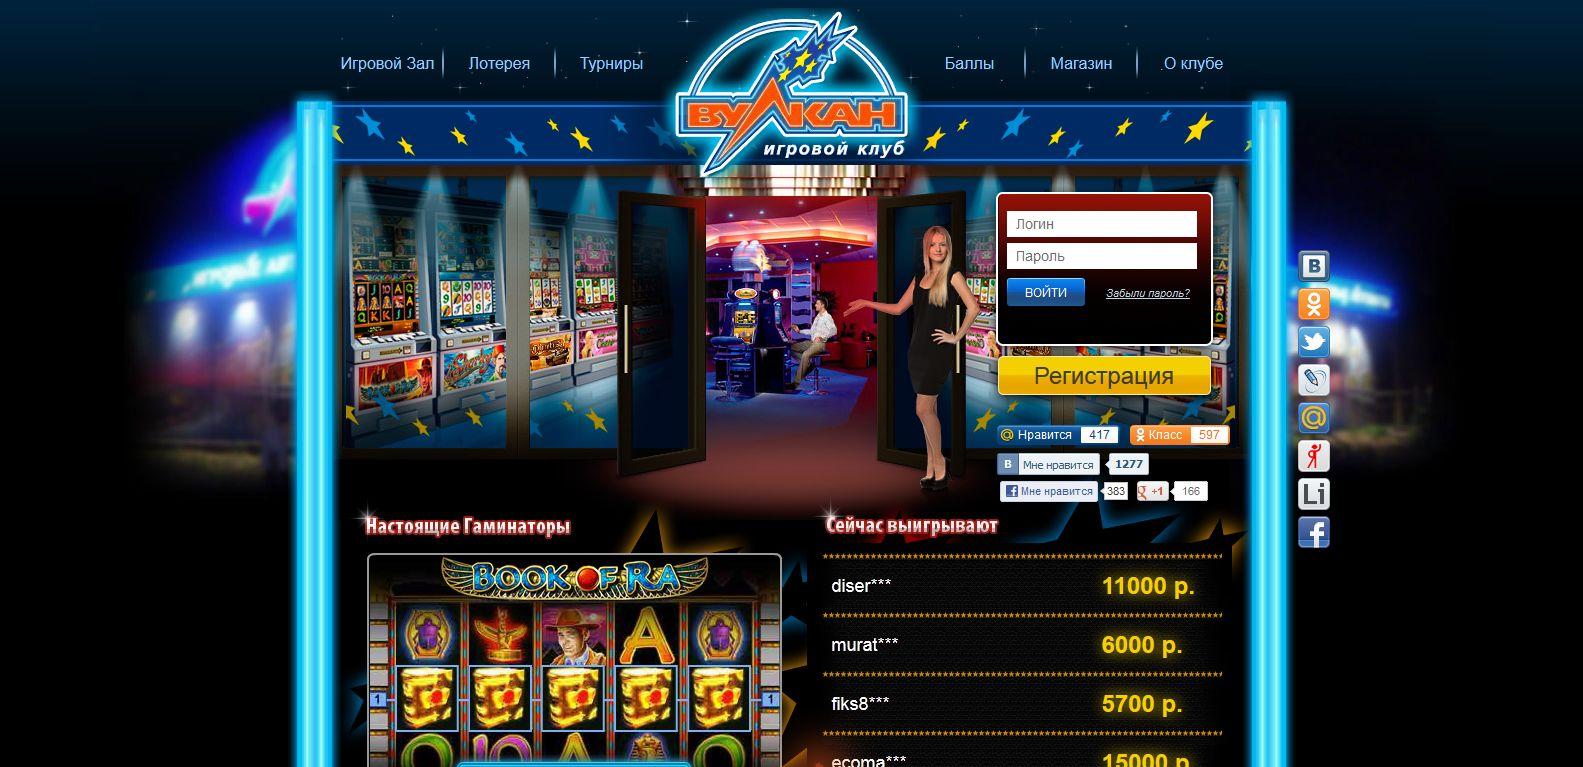 Целевой сайт вулкан игровые автоматы игровые автоматы 777 играть на деньги на рубли